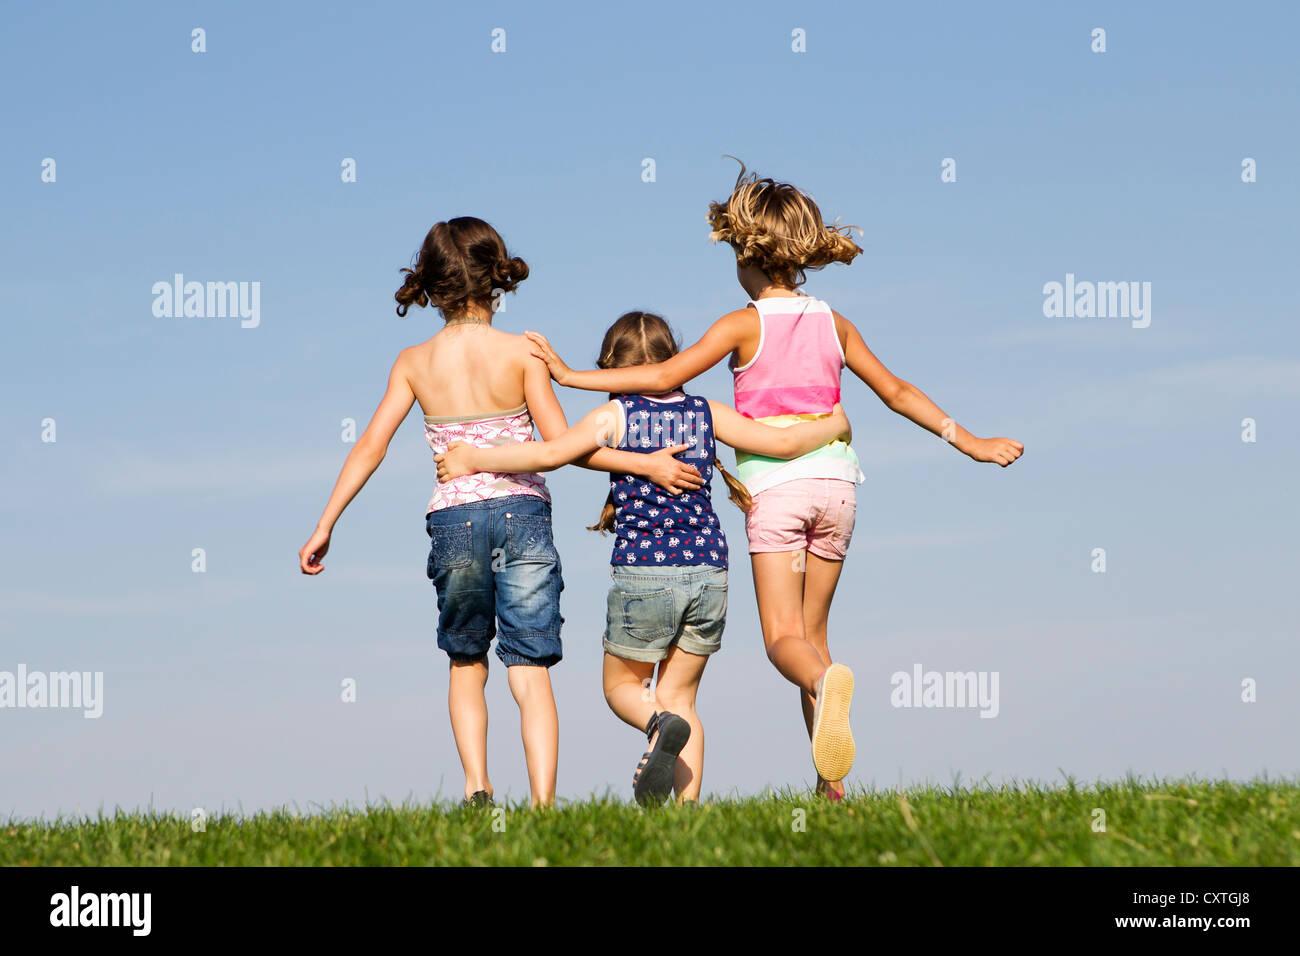 Le ragazze che giocano insieme all'aperto Immagini Stock